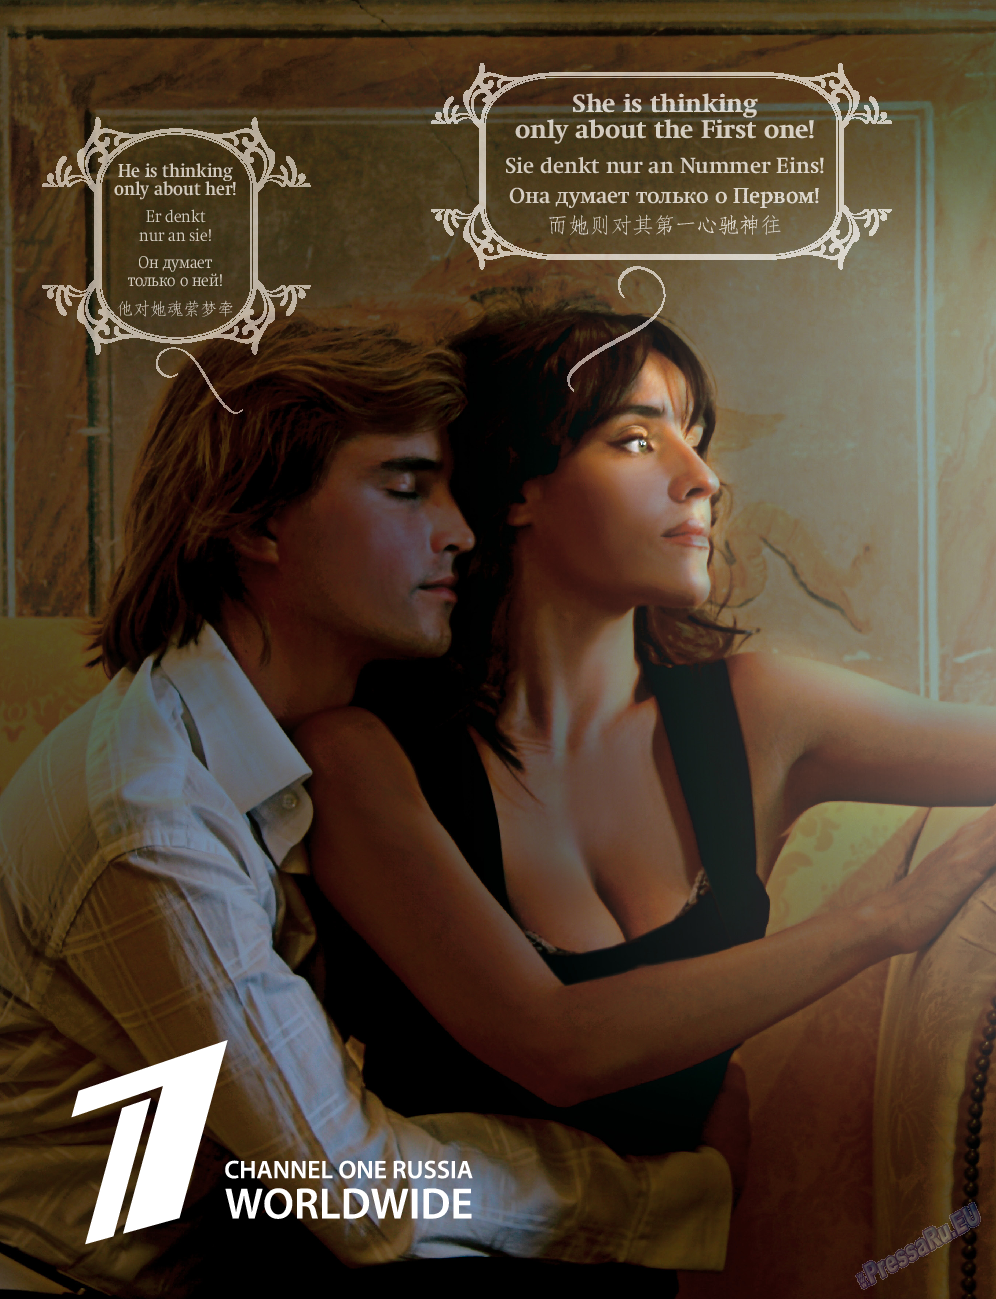 Клан (журнал). 2013 год, номер 5, стр. 30